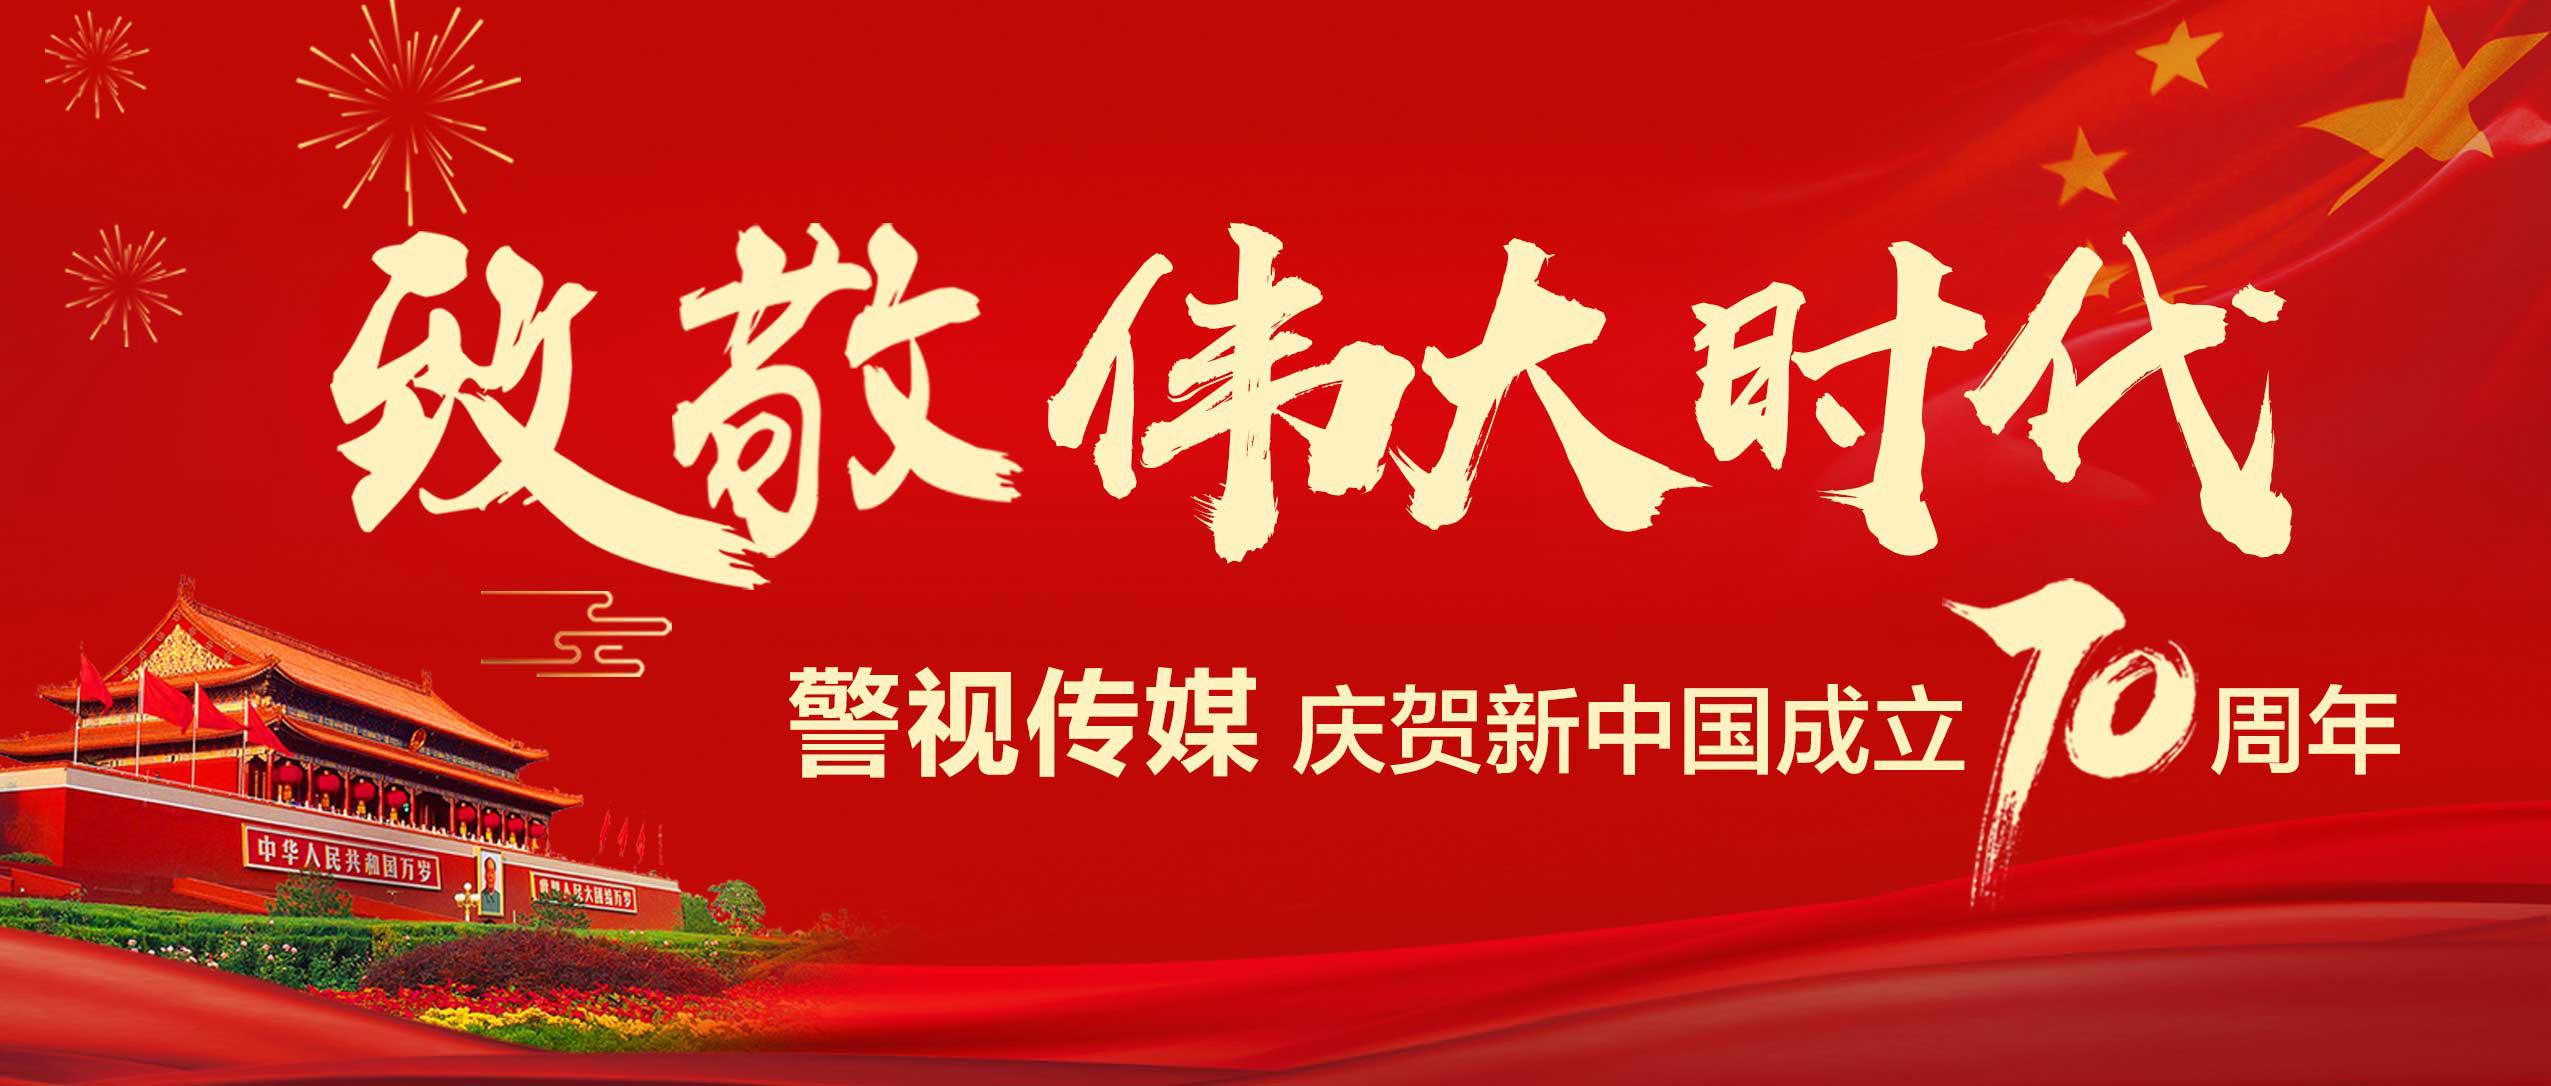 """""""致敬伟大时代"""",raybet雷竞技下载传媒庆贺新中国成立70周年!"""